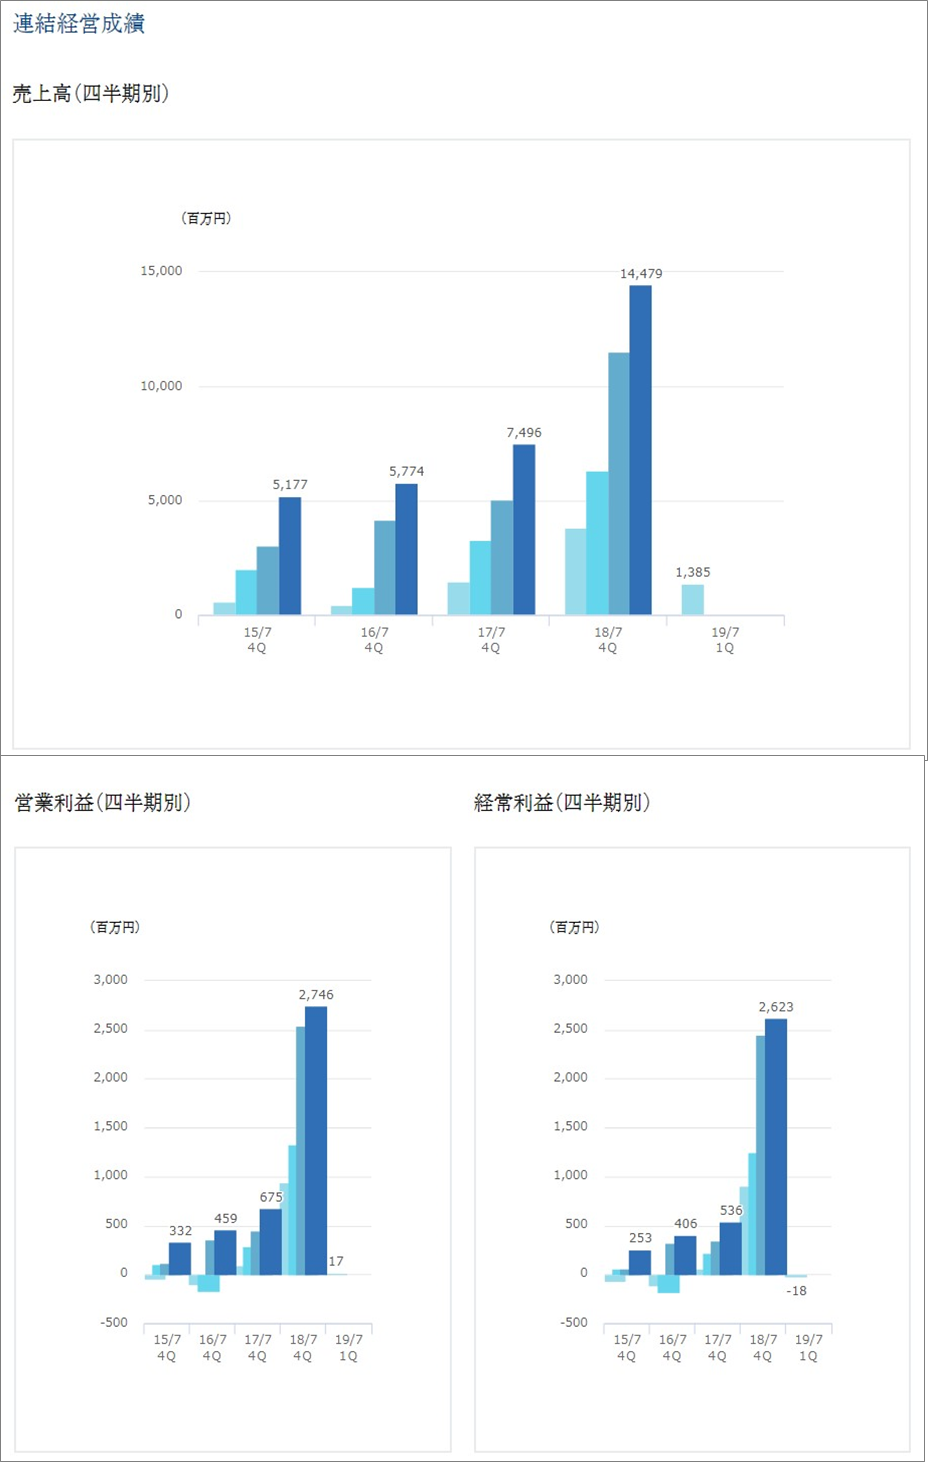 明豊エンターフ゜ライス財務ハイライト